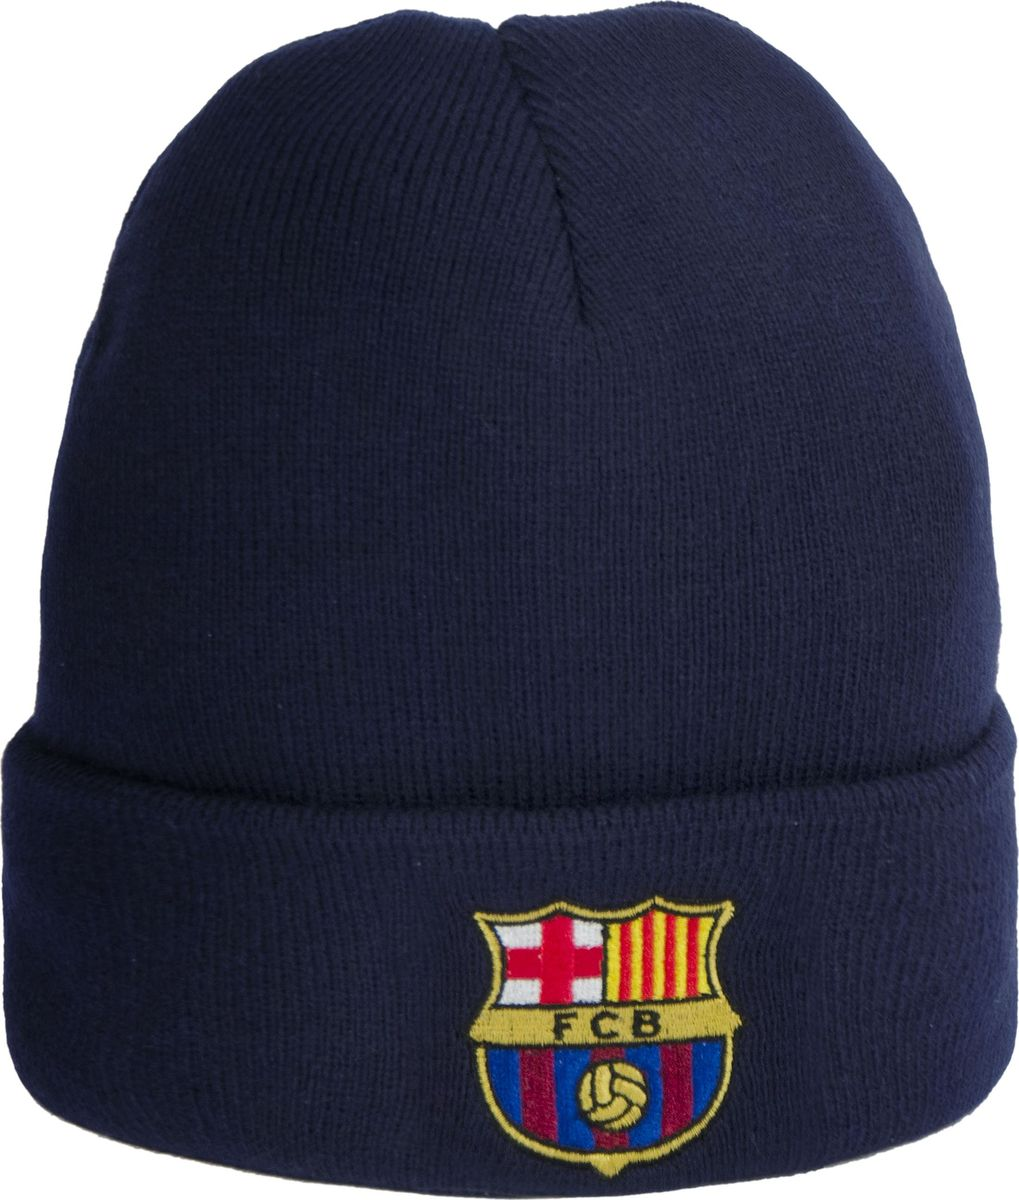 Шапка мужская Atributika & Club Barcelona, цвет: темно-синий. 115111. Размер 55/58115111Классическая шапка Atributika & Club с отворотом и объемным вышитым логотипом футбольного клуба. Выполнена из 100% акрила. Данная шапка является сертифицированным продуктом футбольного клуба Барселона, упакована в индивидуальную упаковку, защищена голограммой, имеет уникальный штрих код.